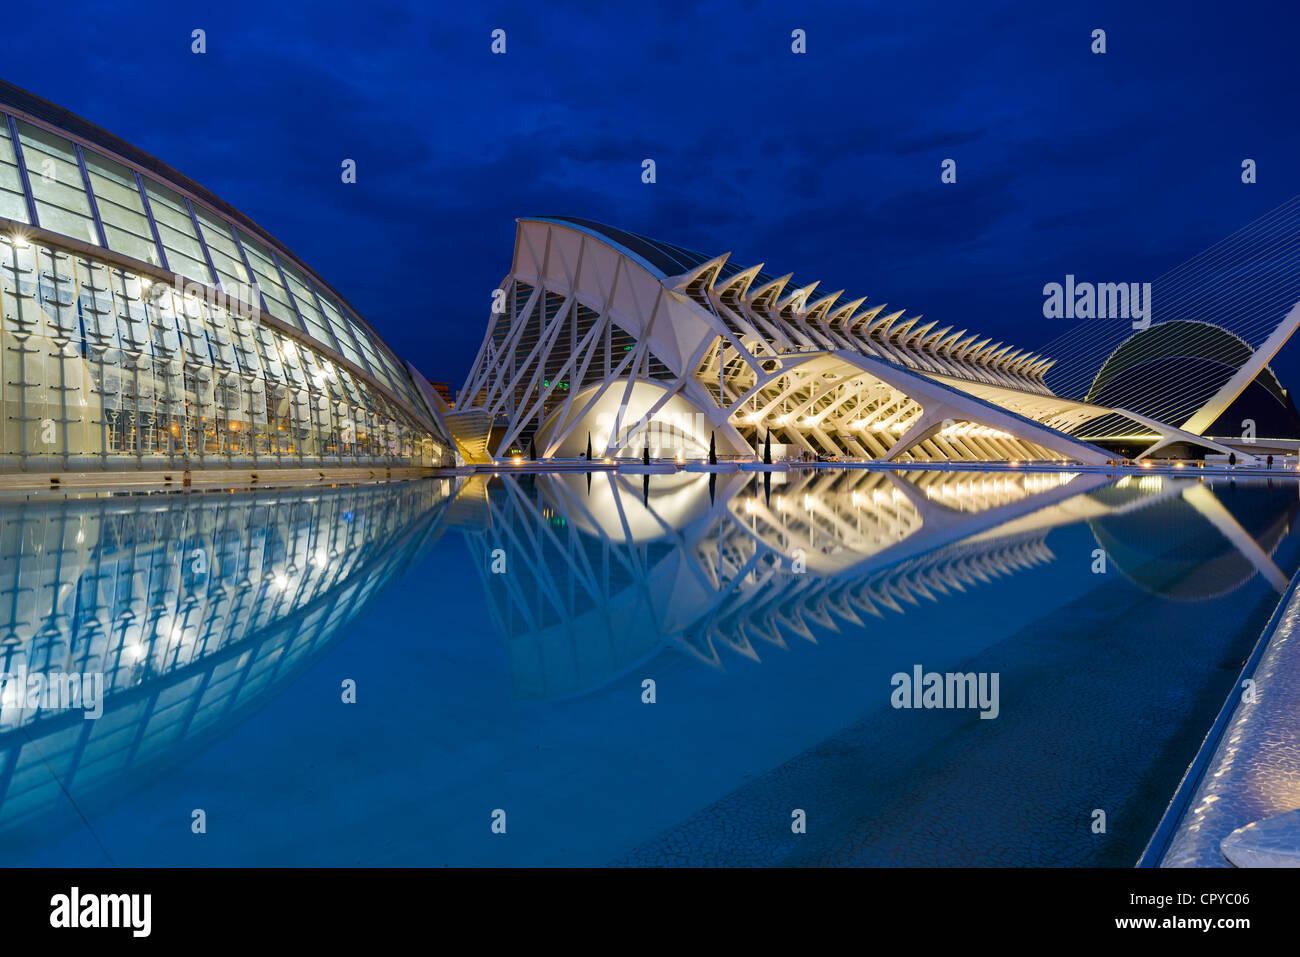 La ciudad de Las Artes y Las Ciencias diseñado por Santiago Calatrava, Valencia, España Imagen De Stock